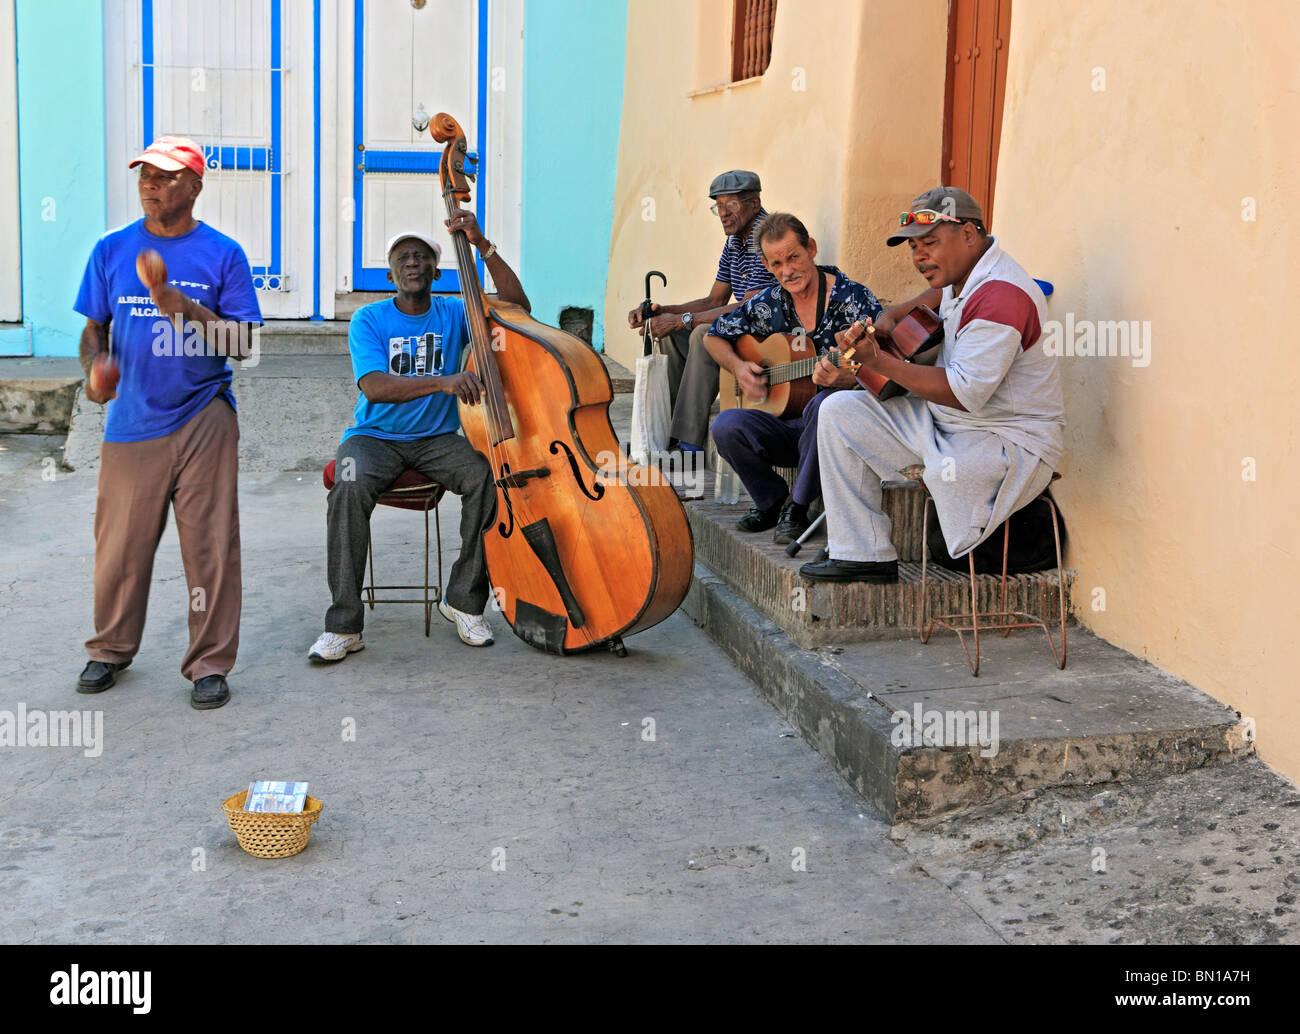 Street musicians, Old town, Santiago de Cuba, Cuba - Stock Image